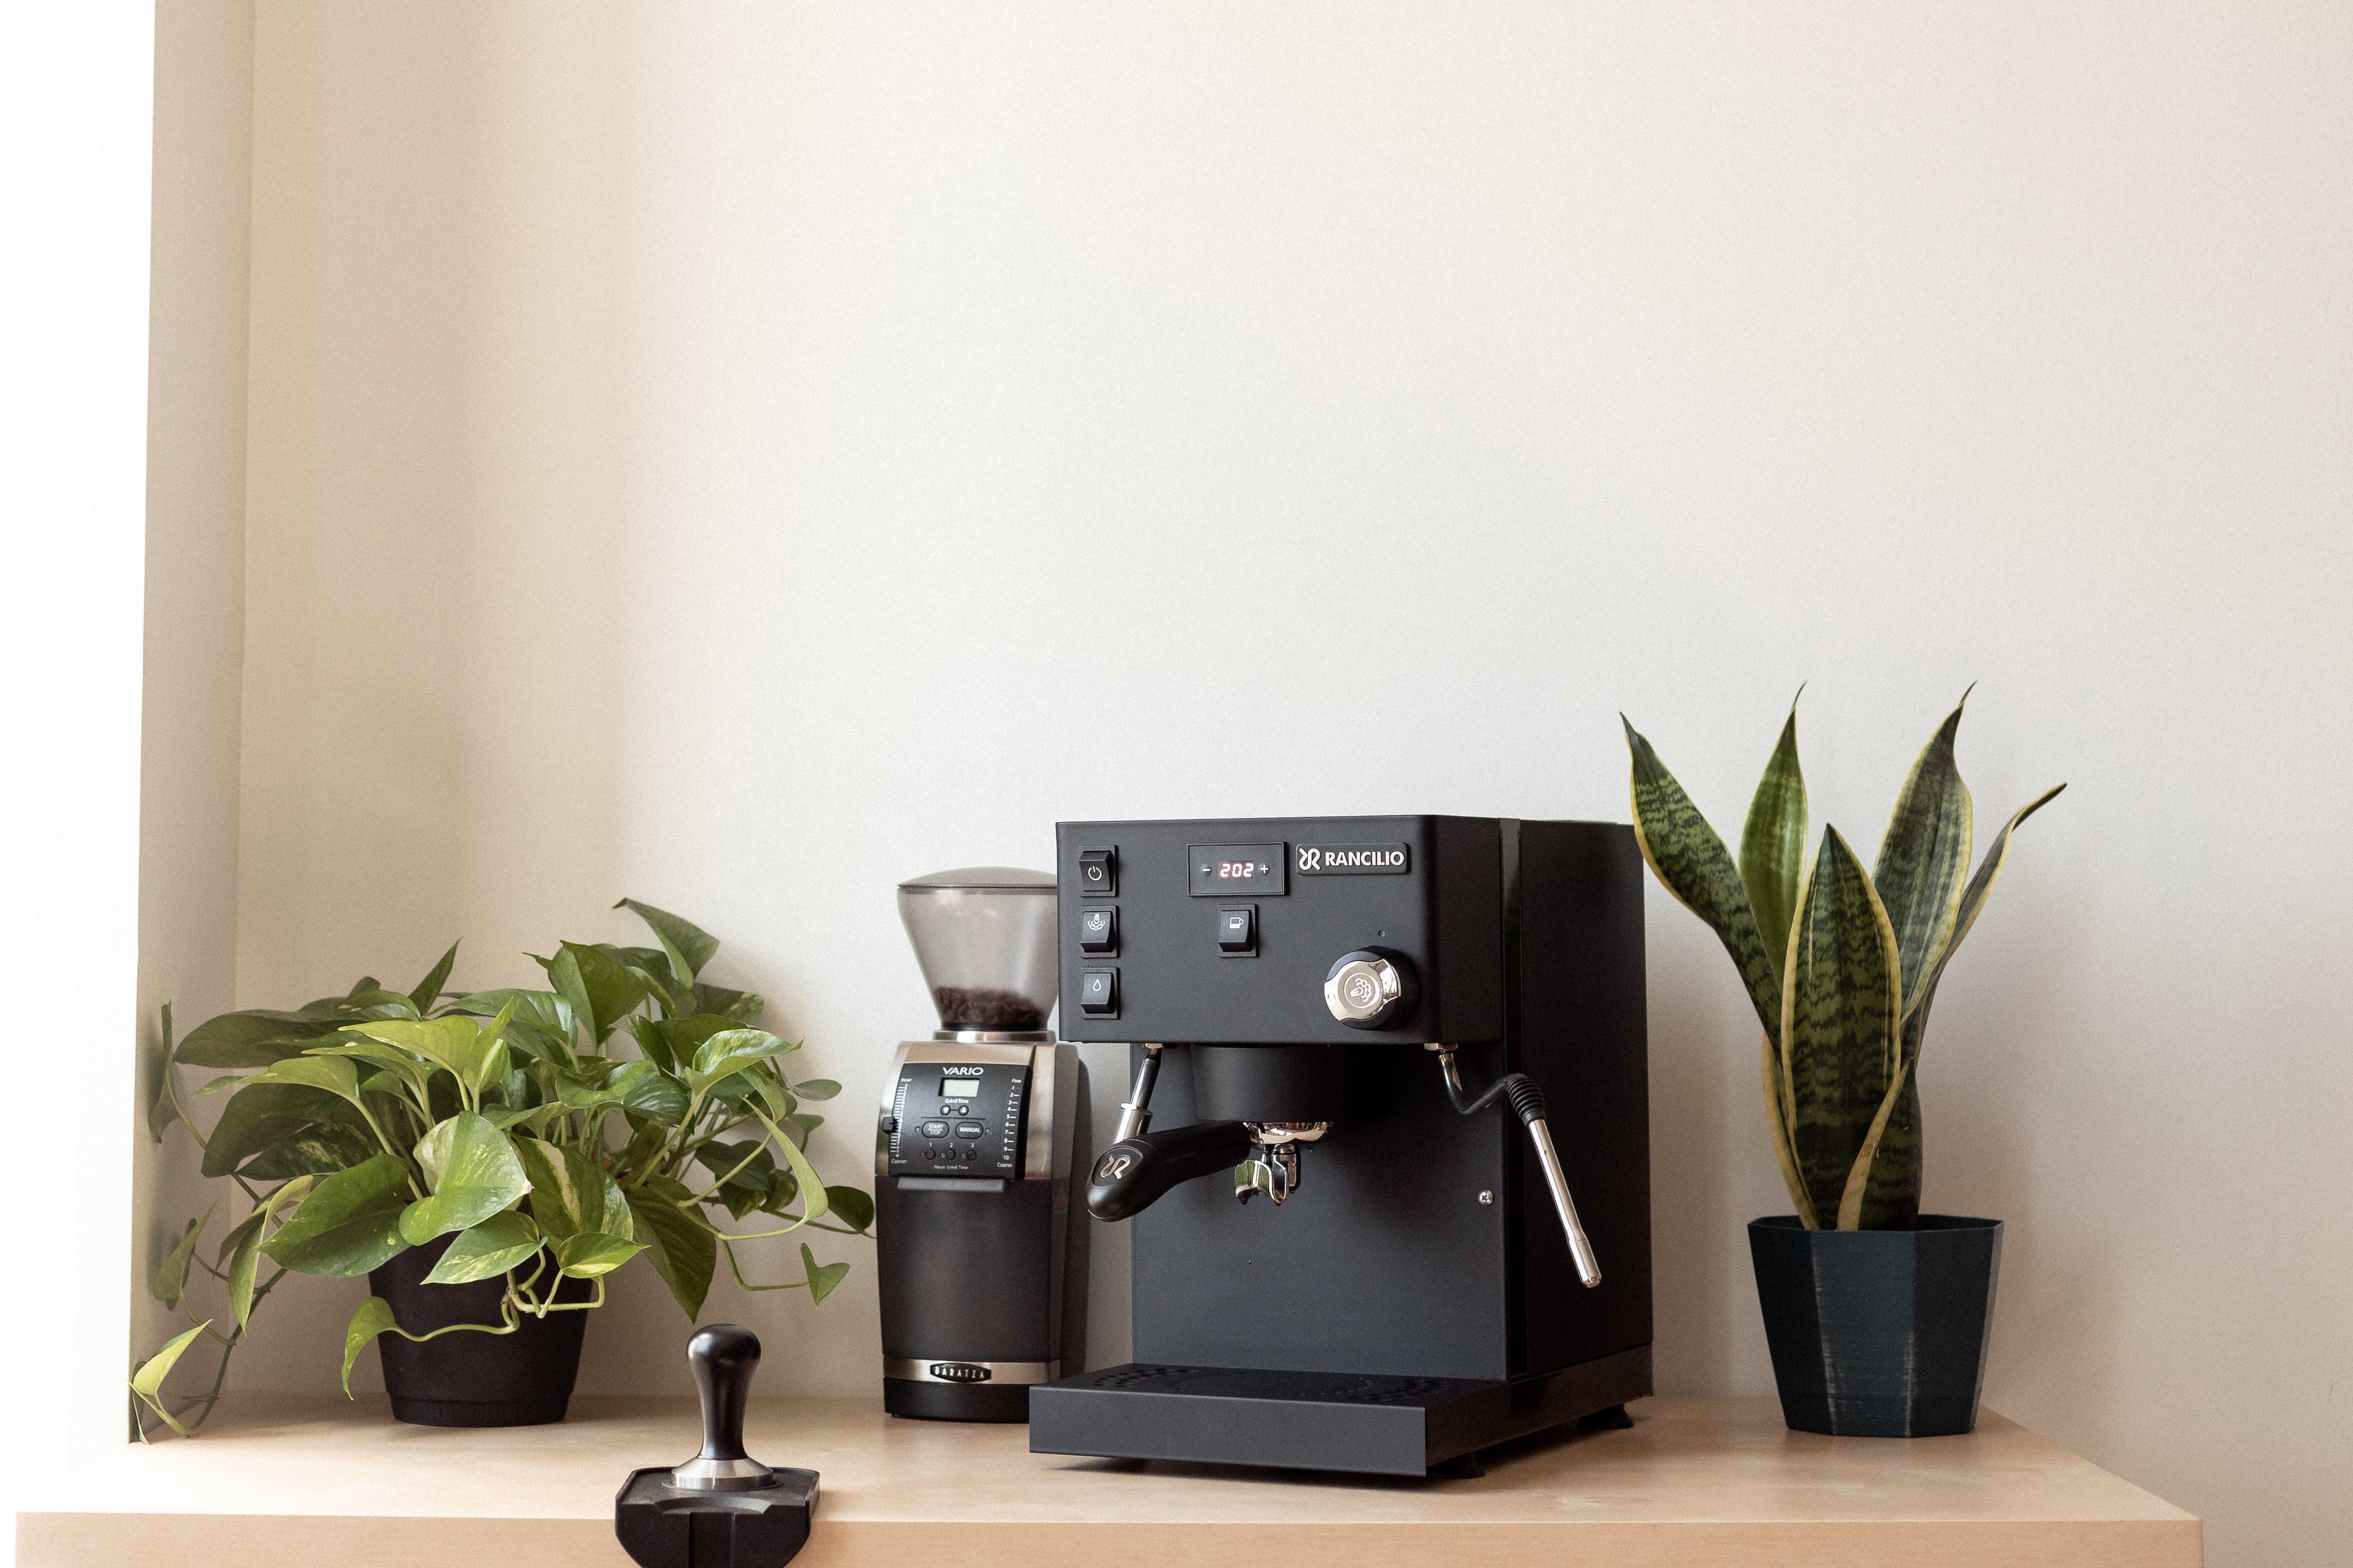 a home espresso setup next to a window